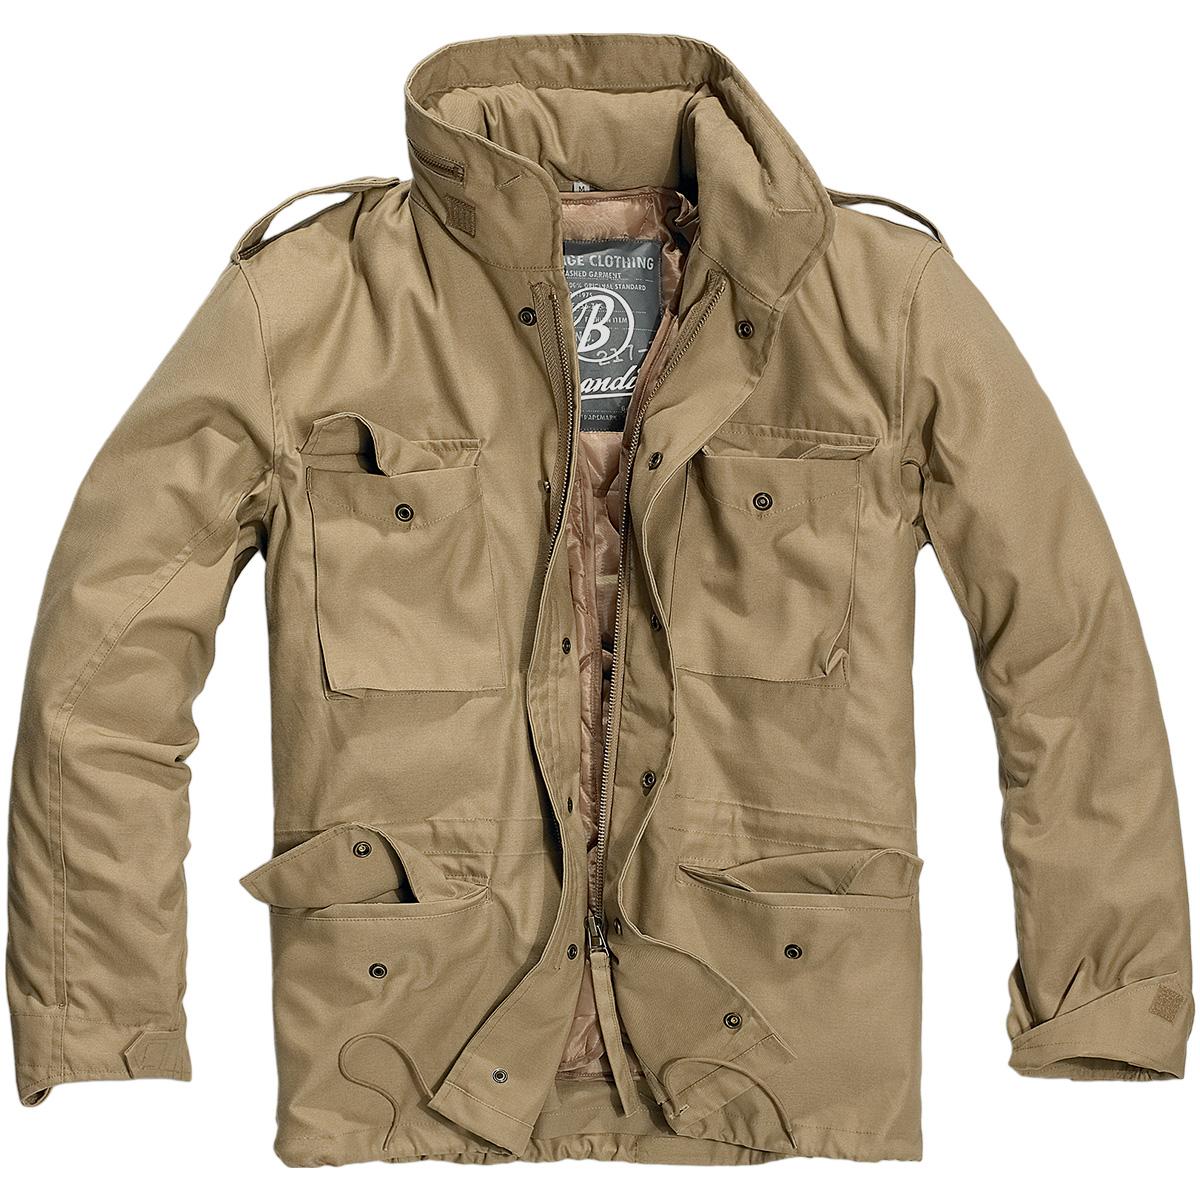 Military Vintage Jacket 92